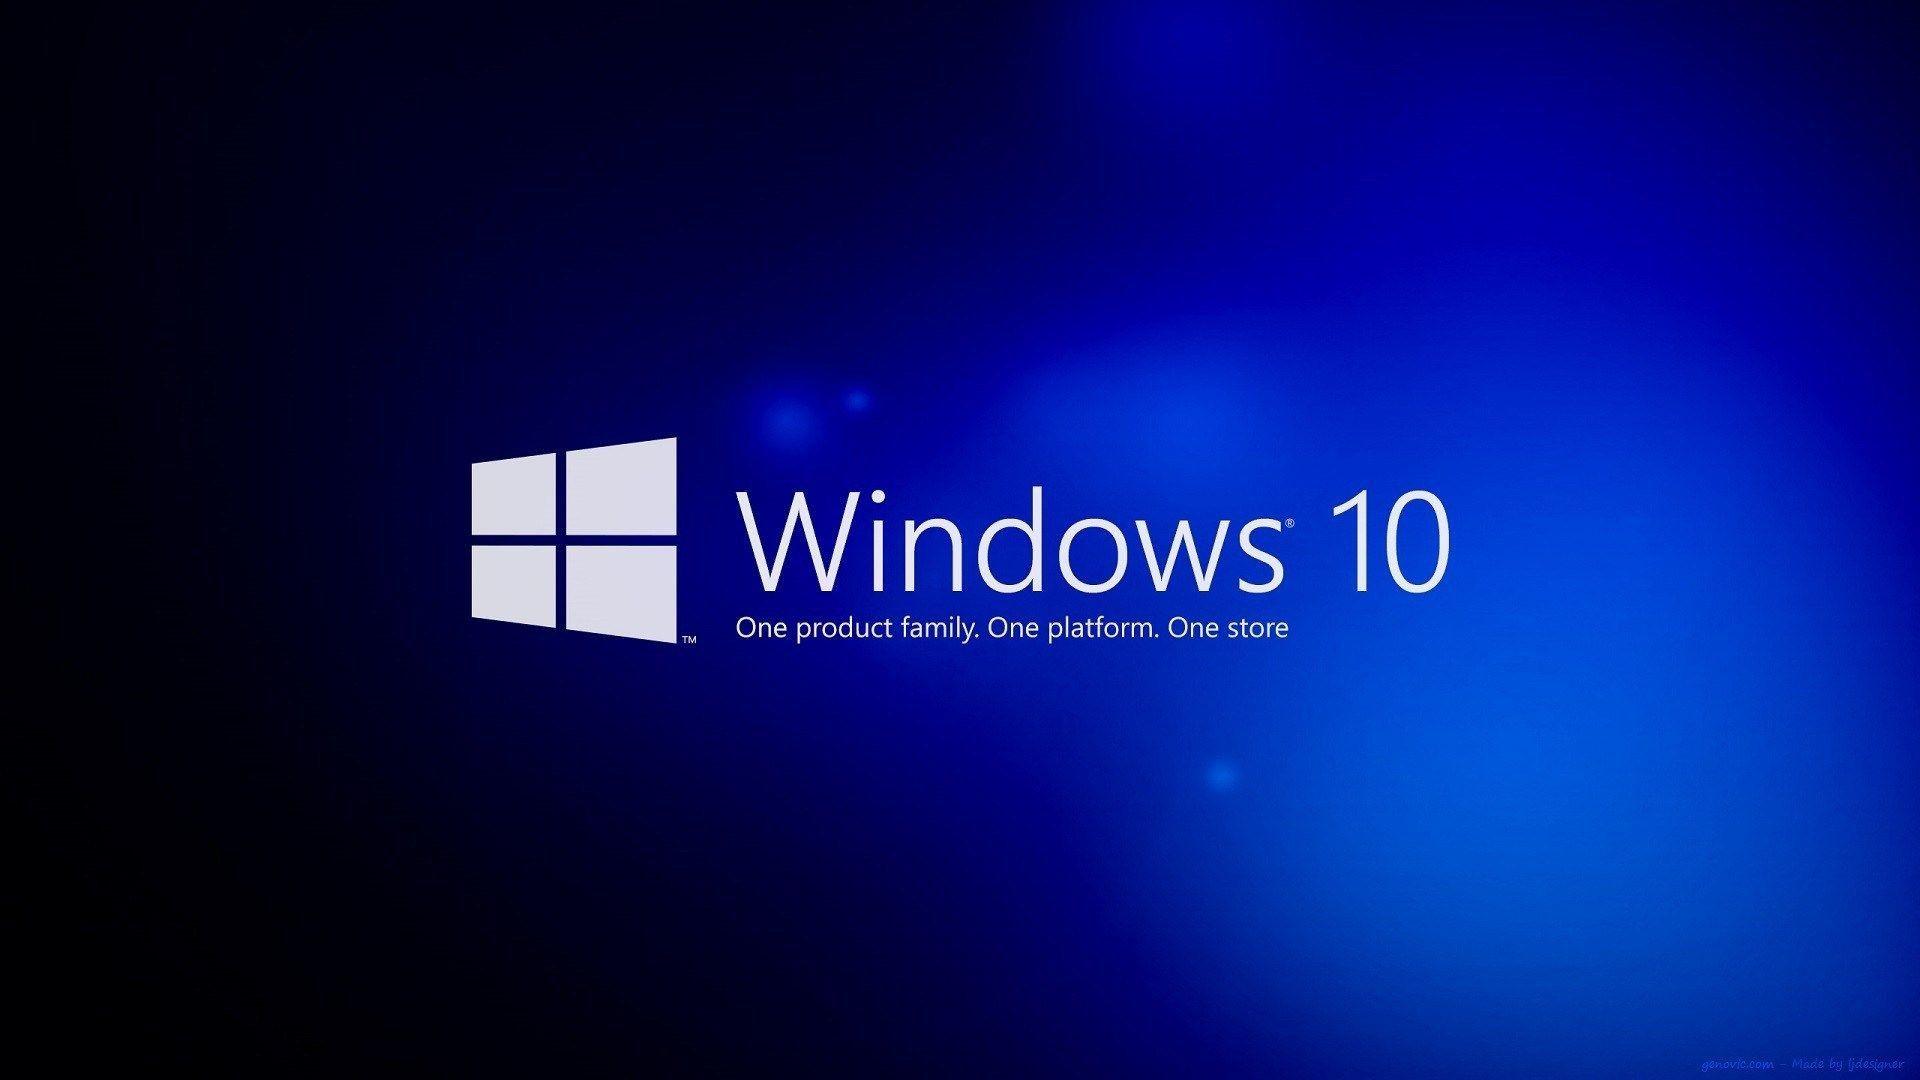 Inspirational Best Desktop Backgrounds For Windows 10 In 2020 Wallpaper Windows 10 Windows 10 Background Windows 10 Logo